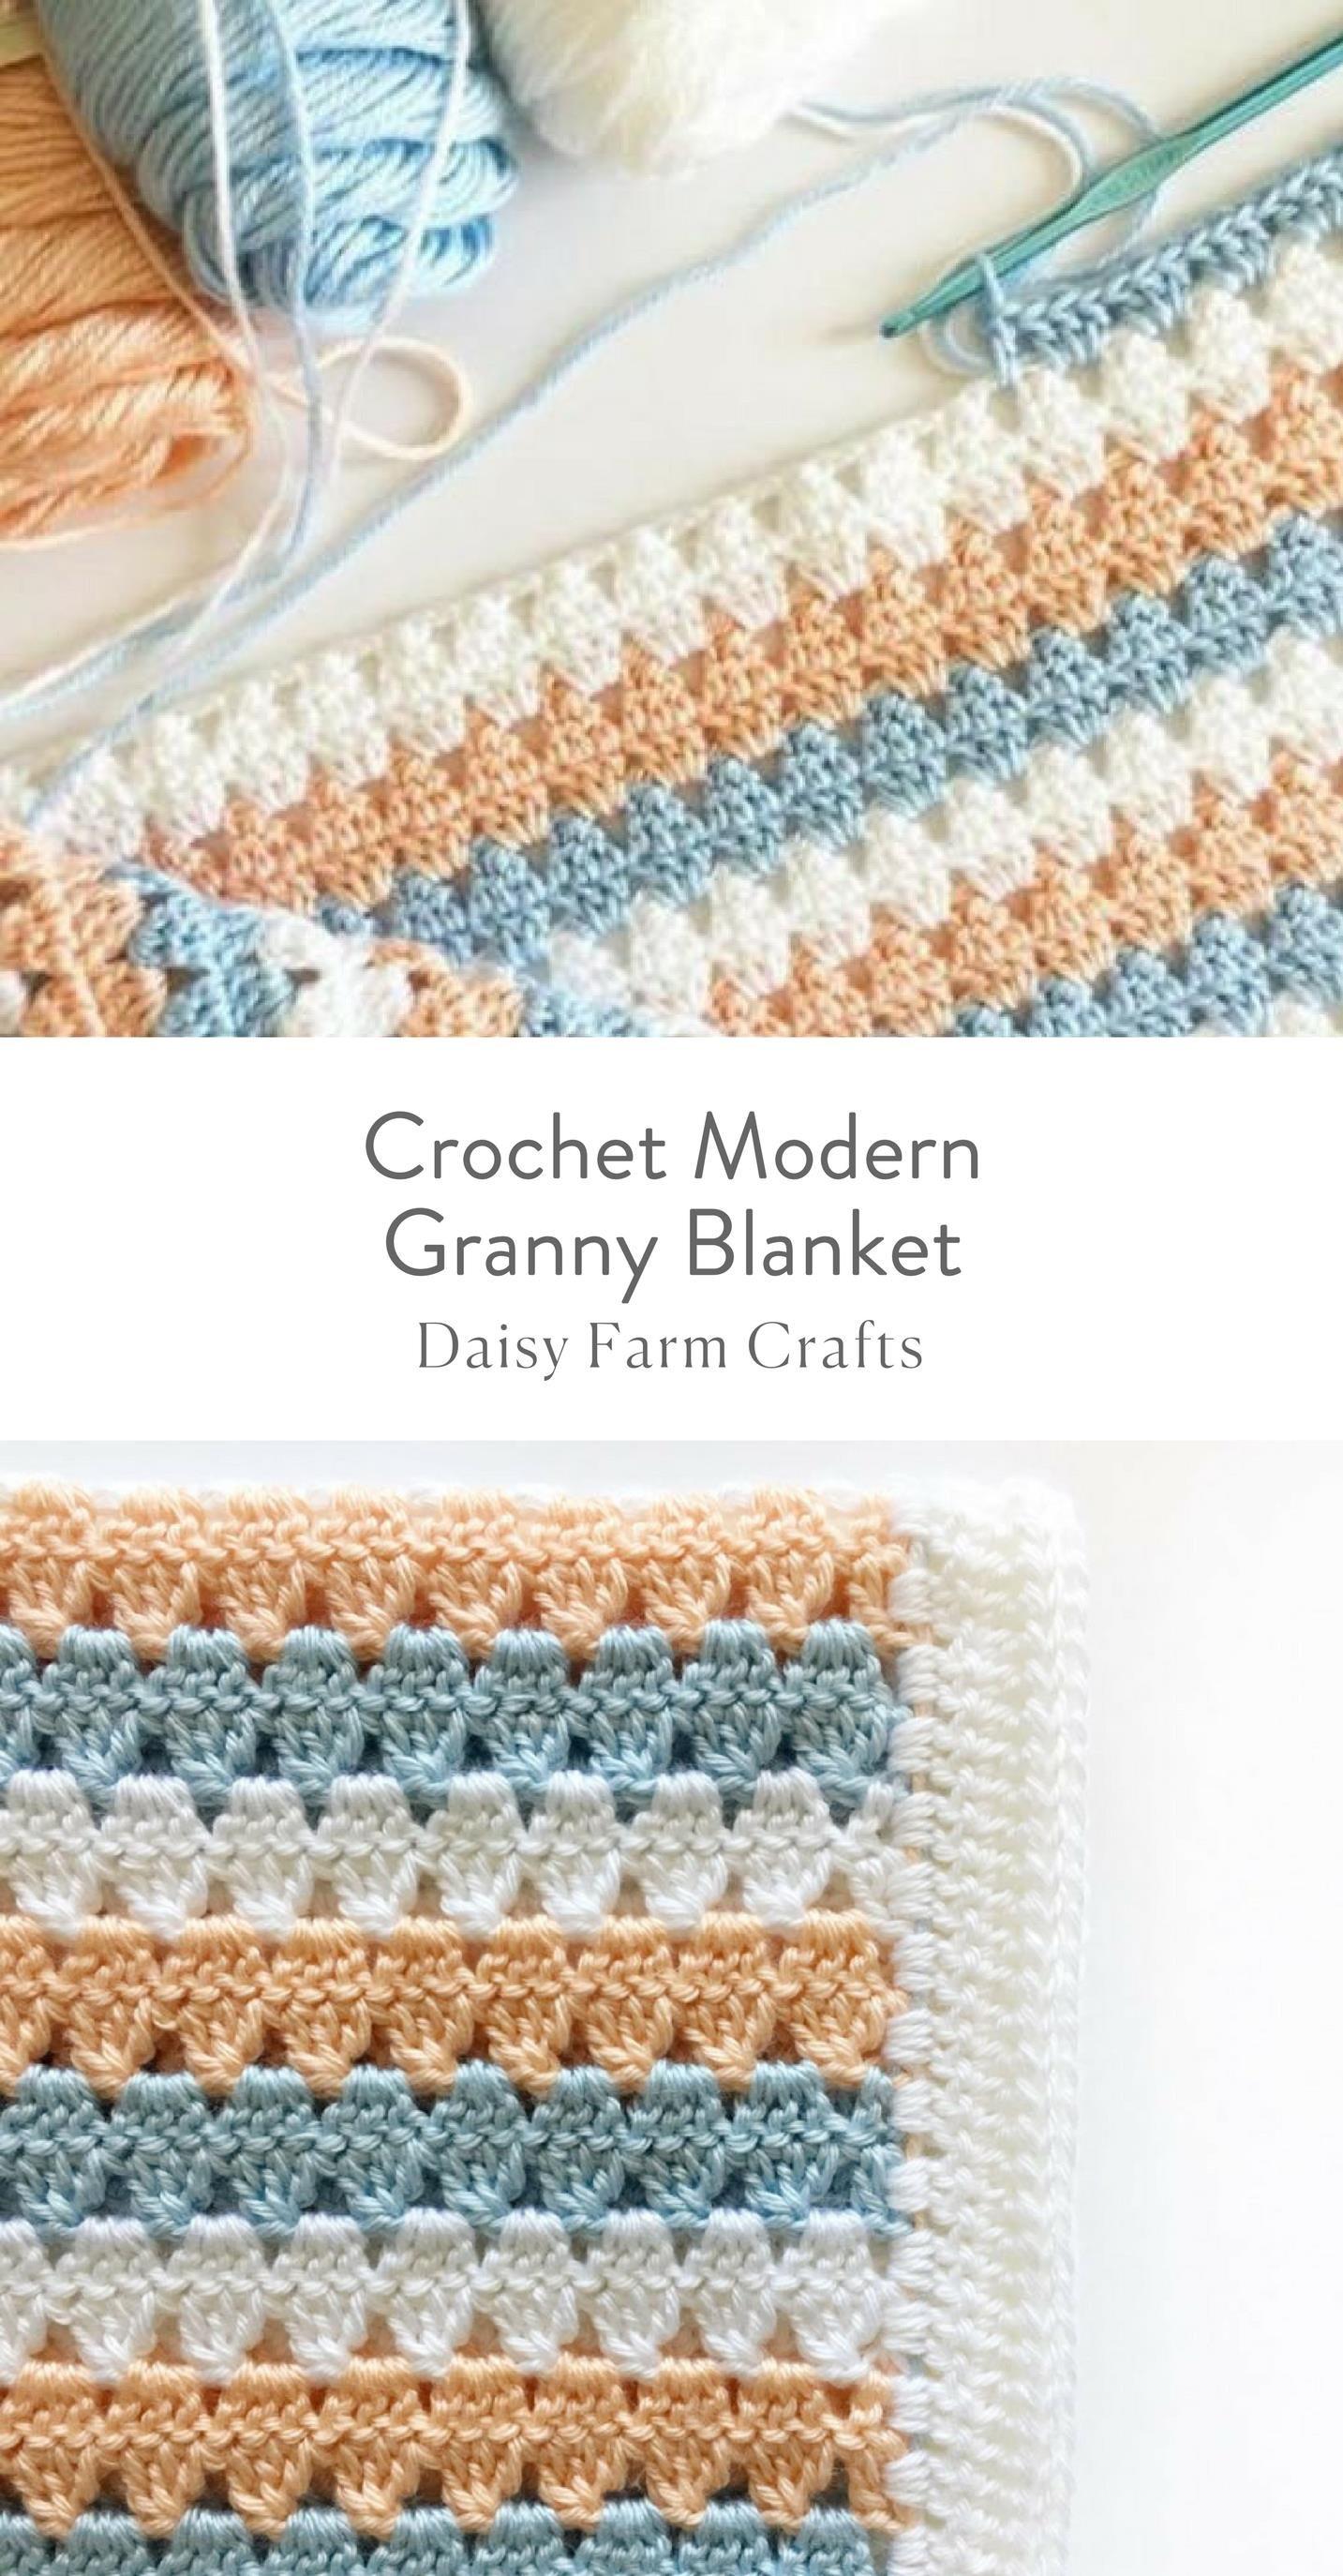 Free Pattern - Crochet Modern Granny Blanket | bebe | Pinterest ...